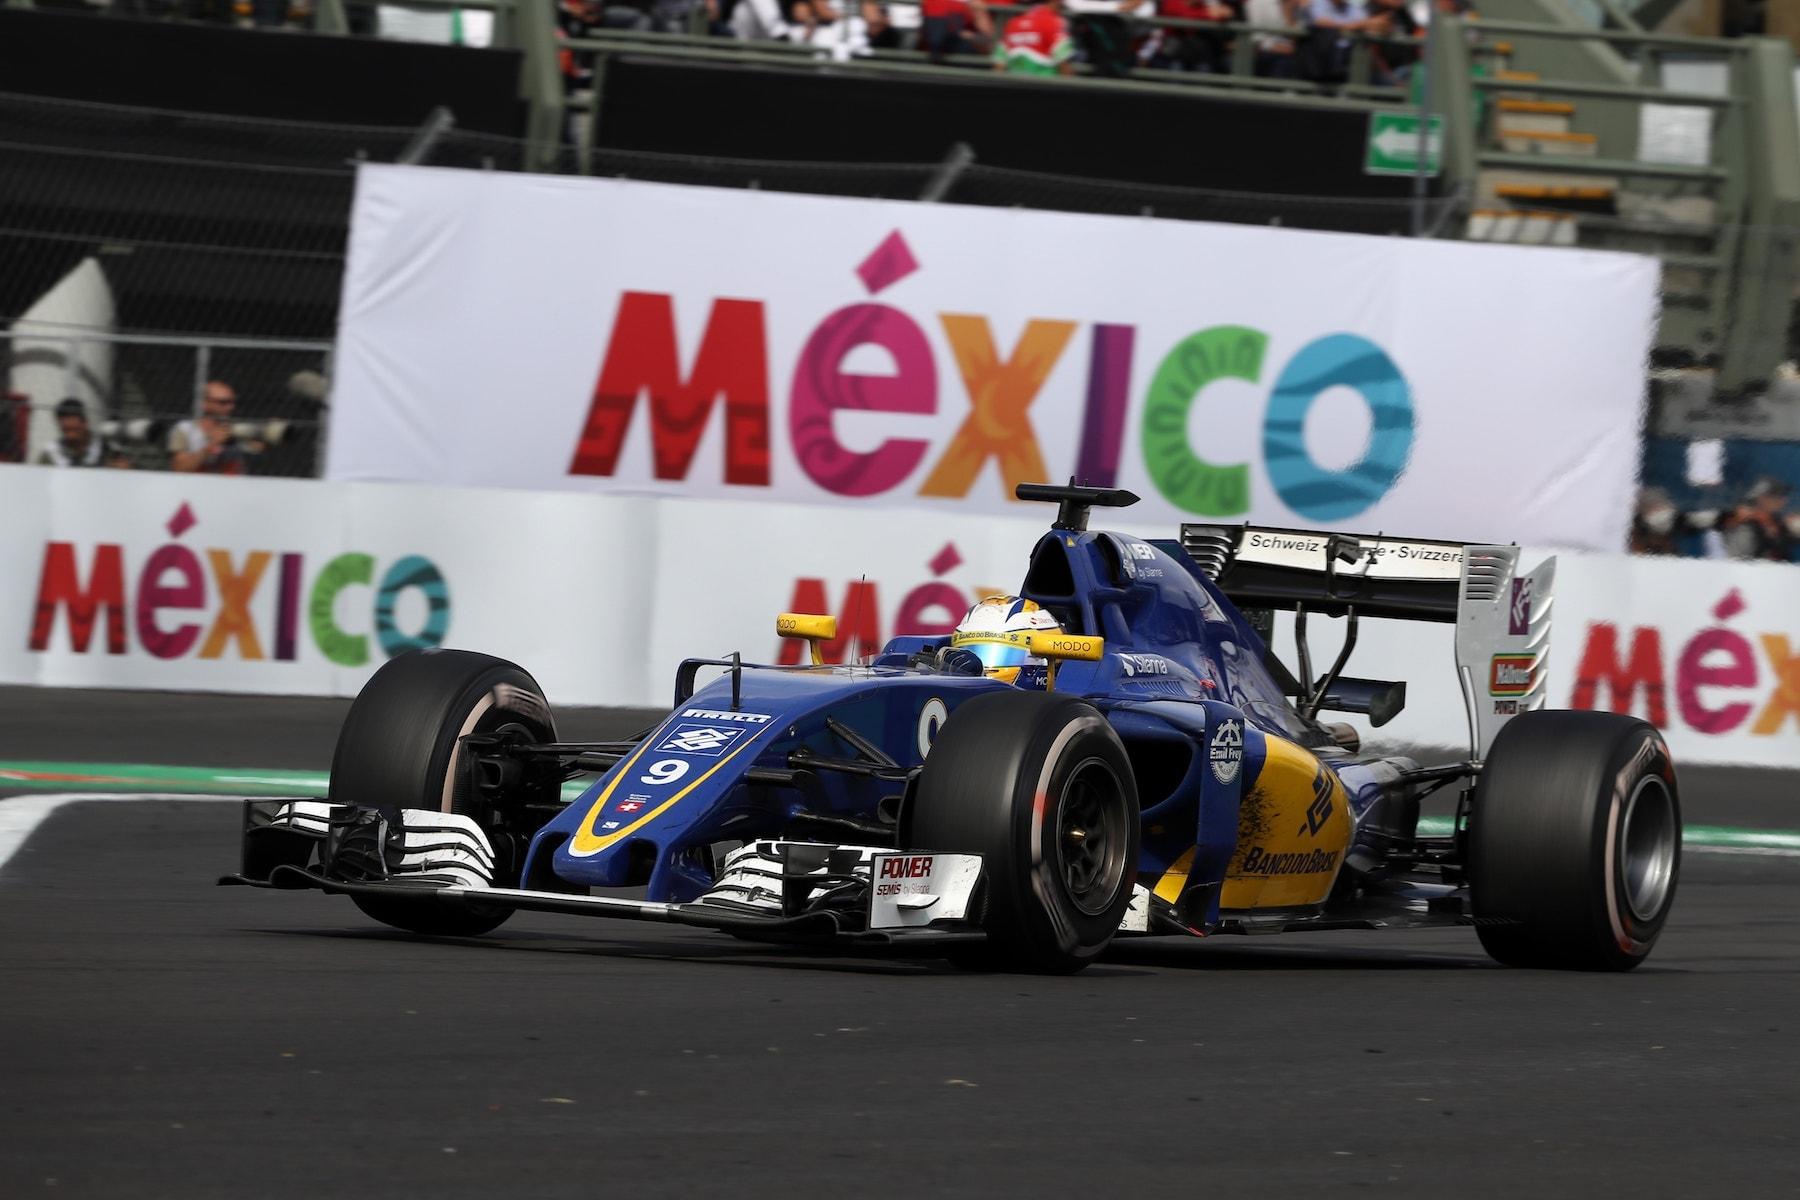 Salracing - Marcus Ericsson   Sauber F1 Team